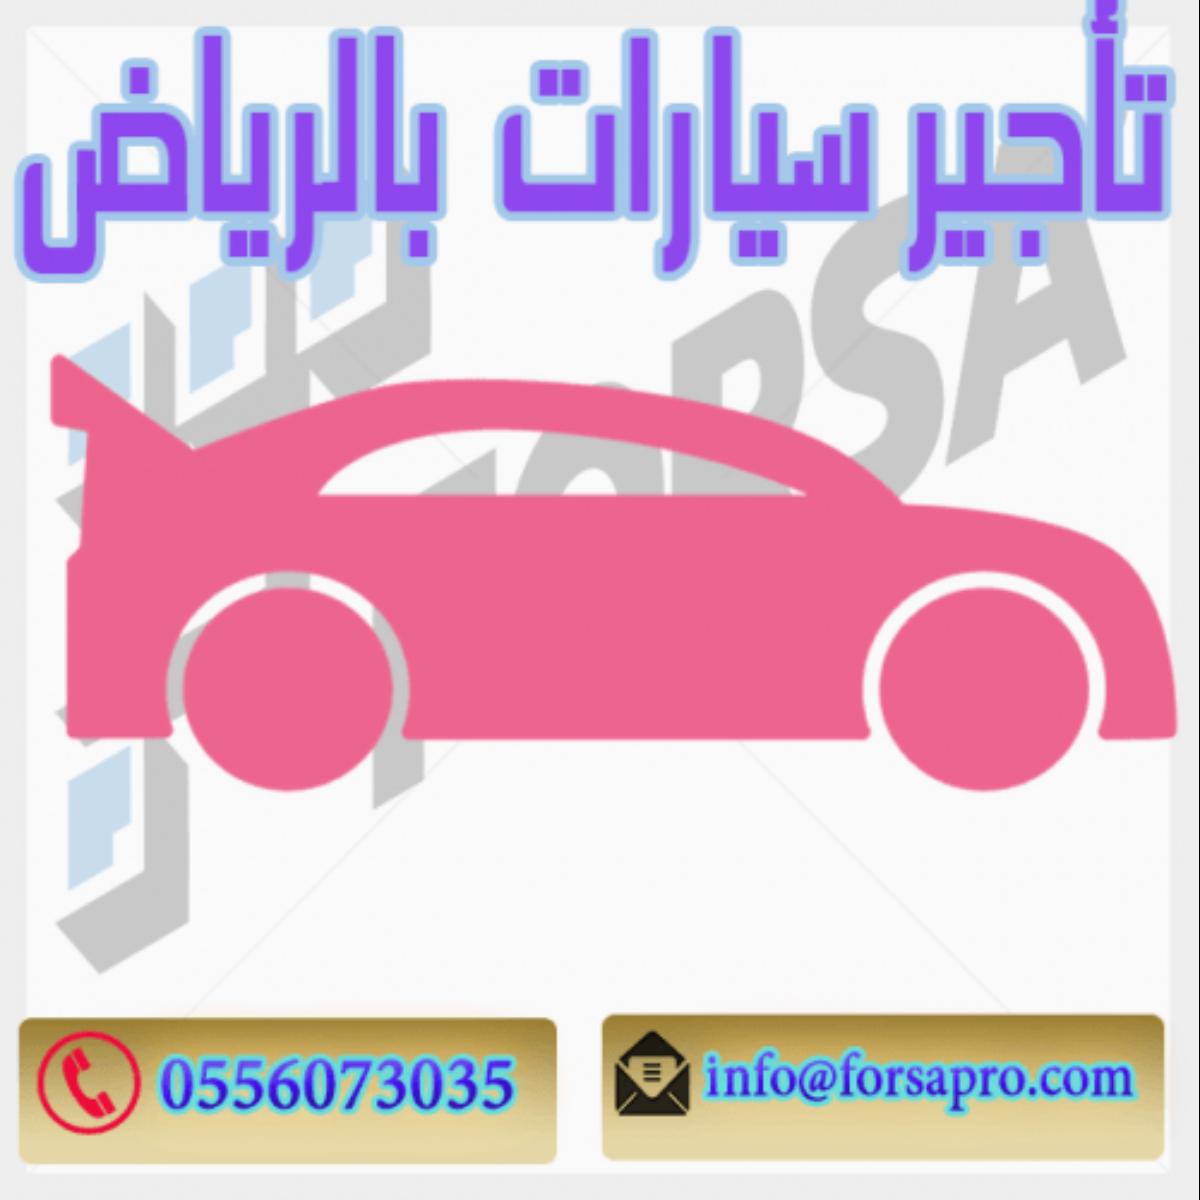 تأجير سيارات الرياض شهري 0571185474 Ksa فرصة للتسويق الالكتروني